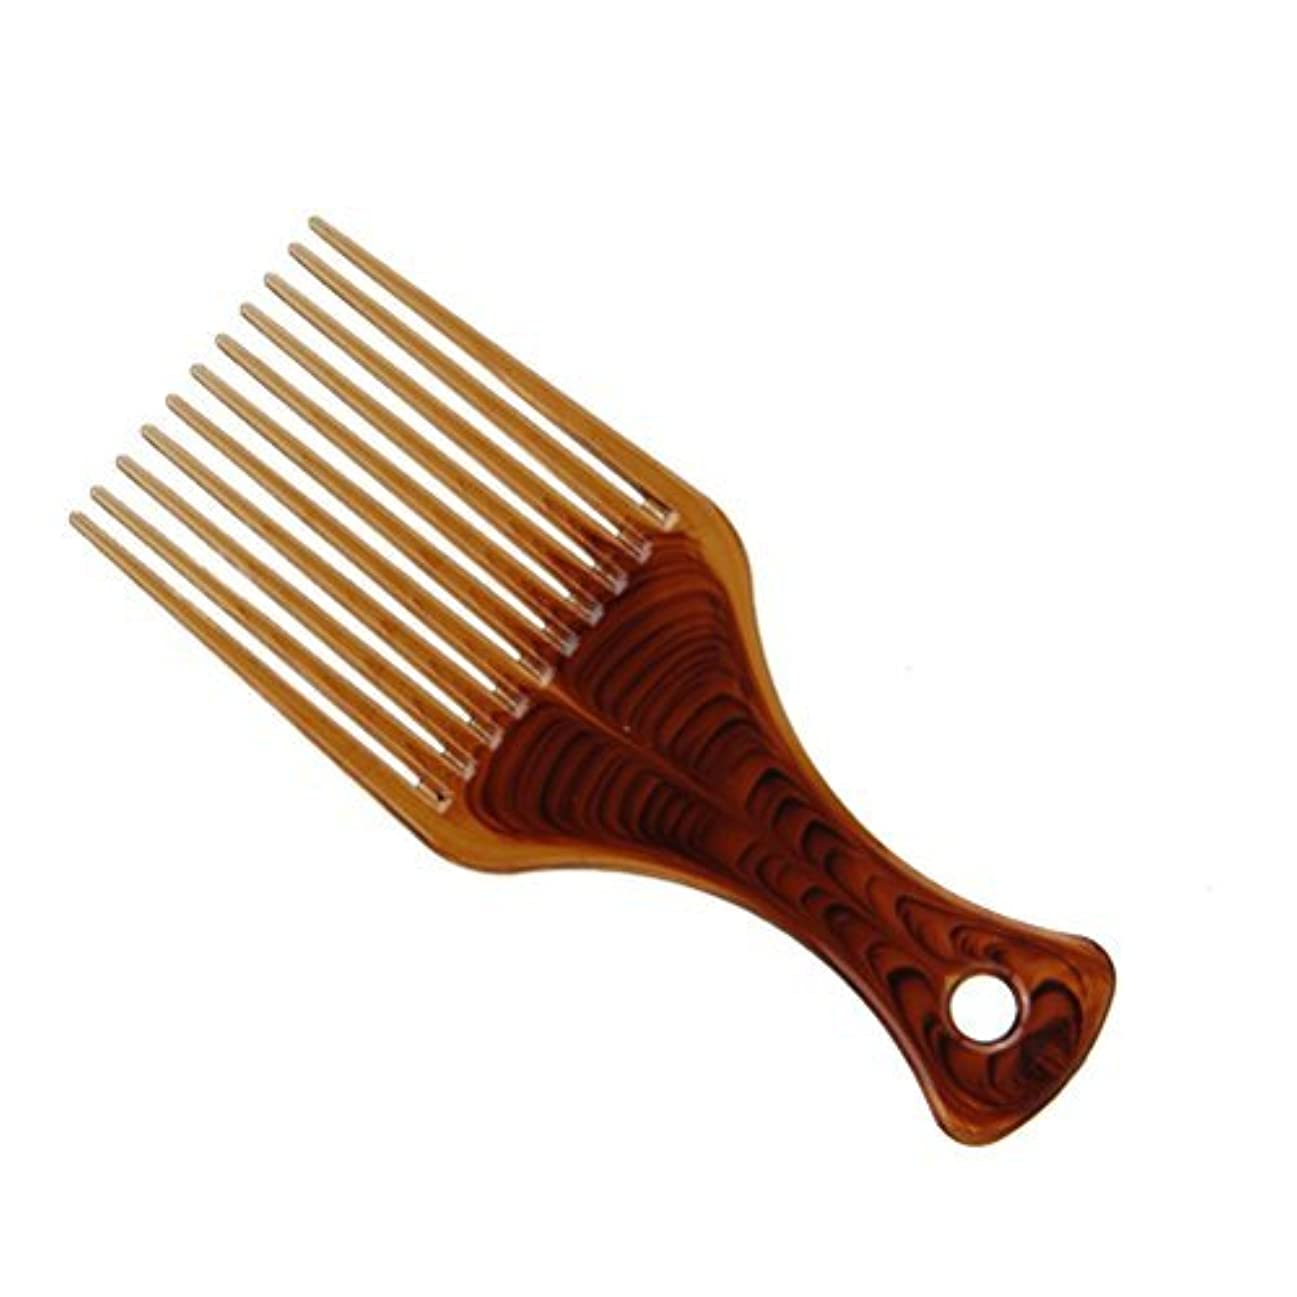 冗談で憤るクリスチャンFrcolor Hair Pick Comb, Smooth No Frizz Afro Hair Lift Pick Comb for Hairstyle [並行輸入品]